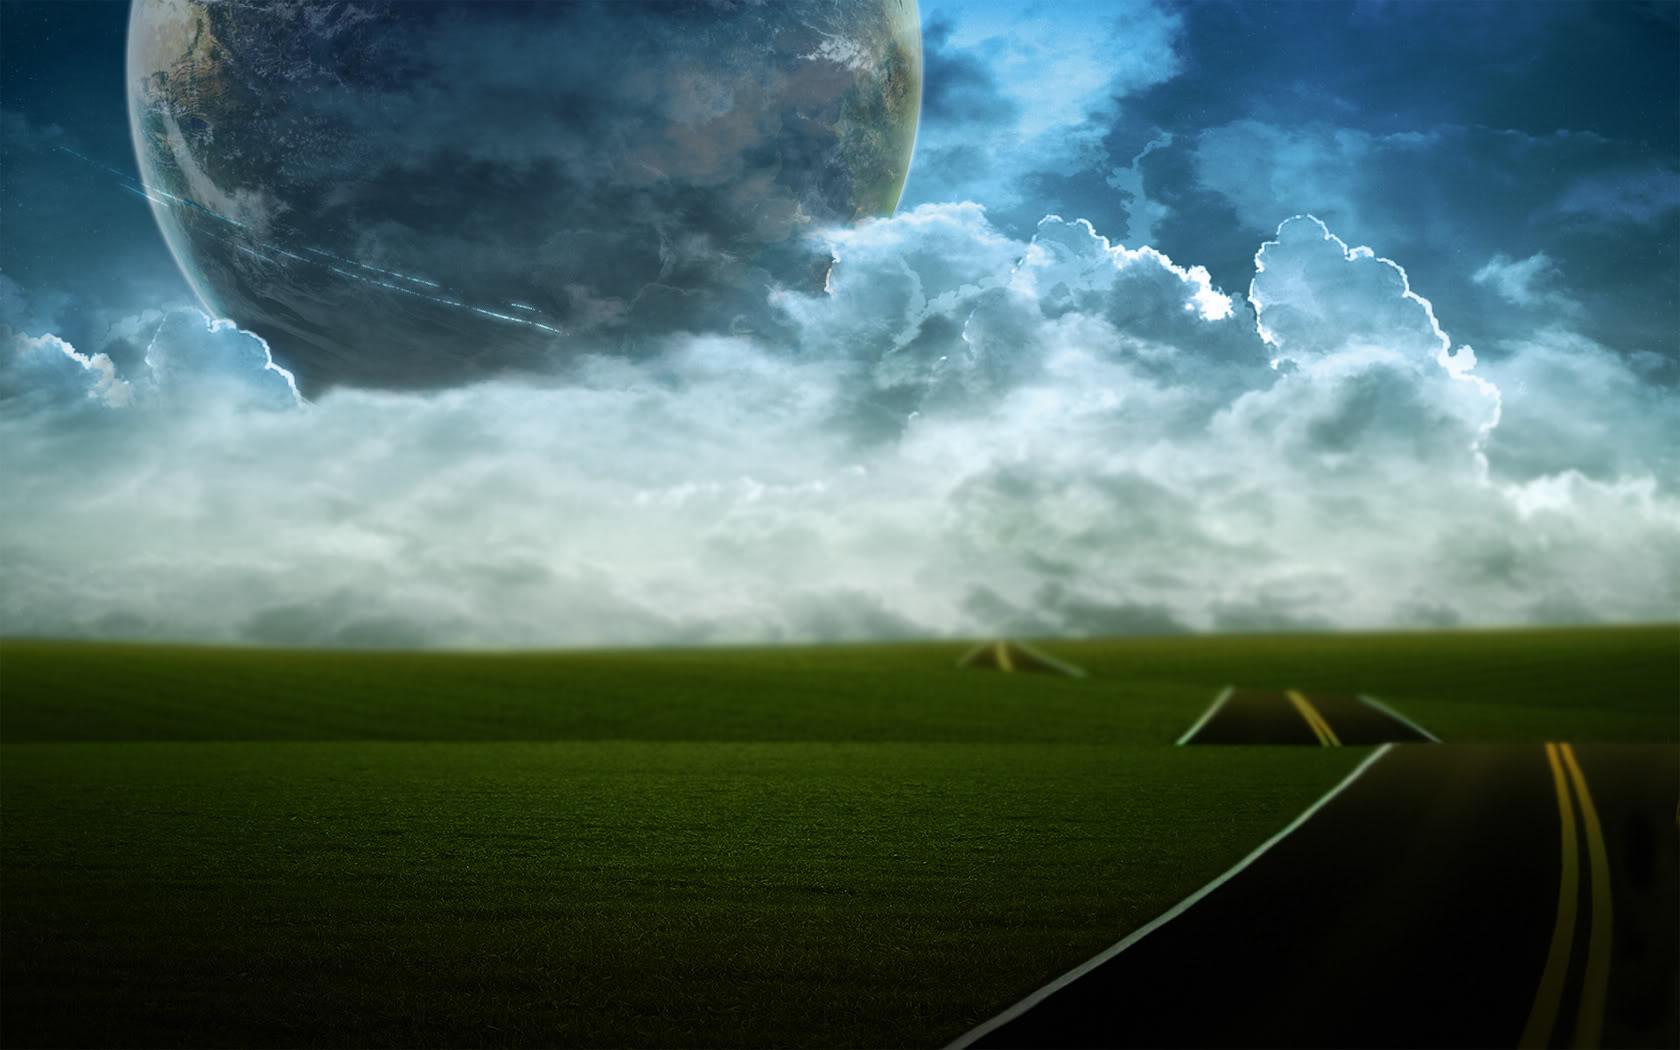 صورة طبيعية للسحاب و القمر البدر تووووووووووحفة